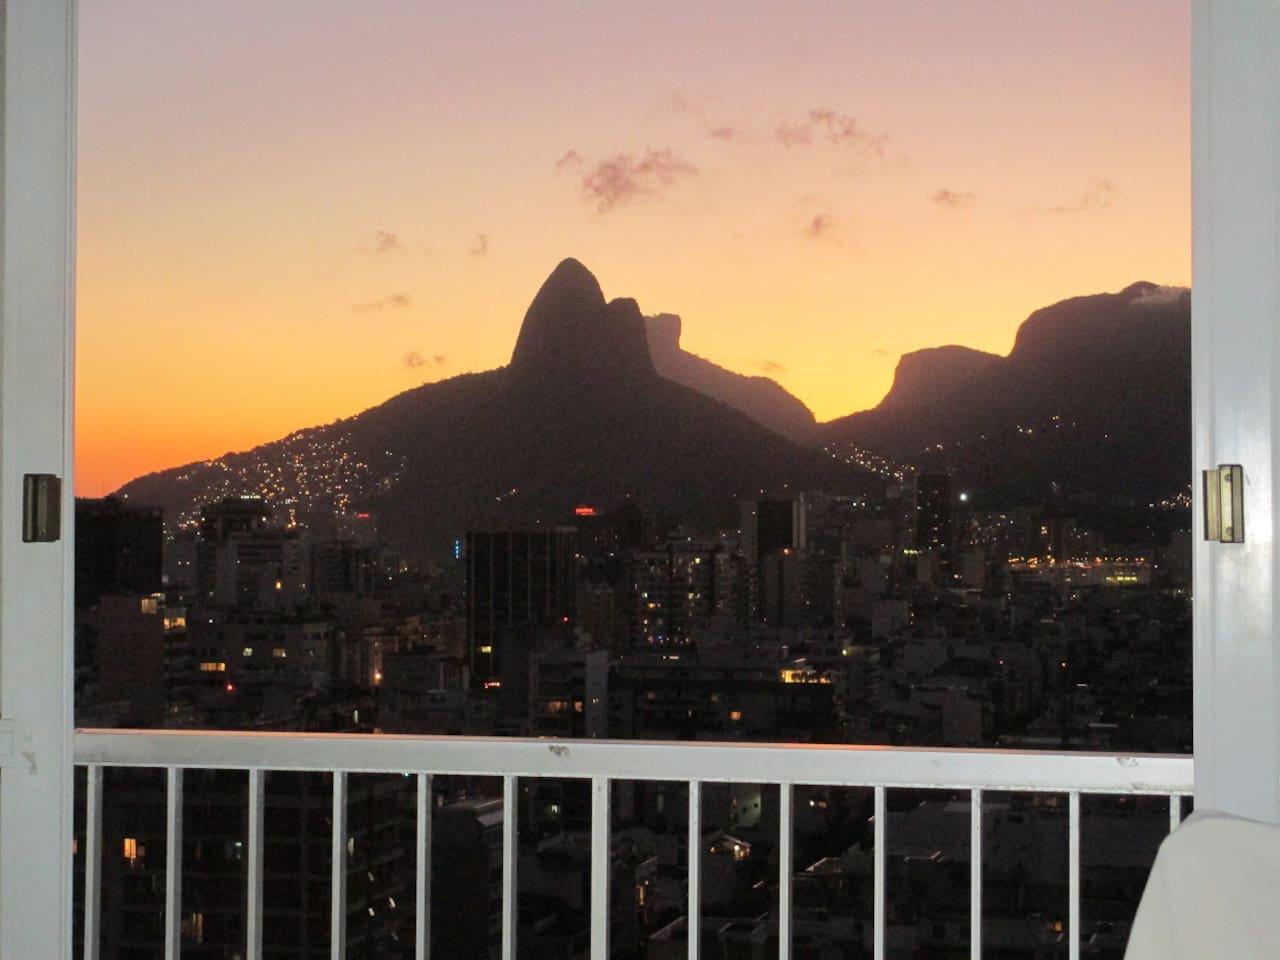 vue panoramique depuis l'appartement situé au 17 eme étage offrant un superbe coucher de soleil